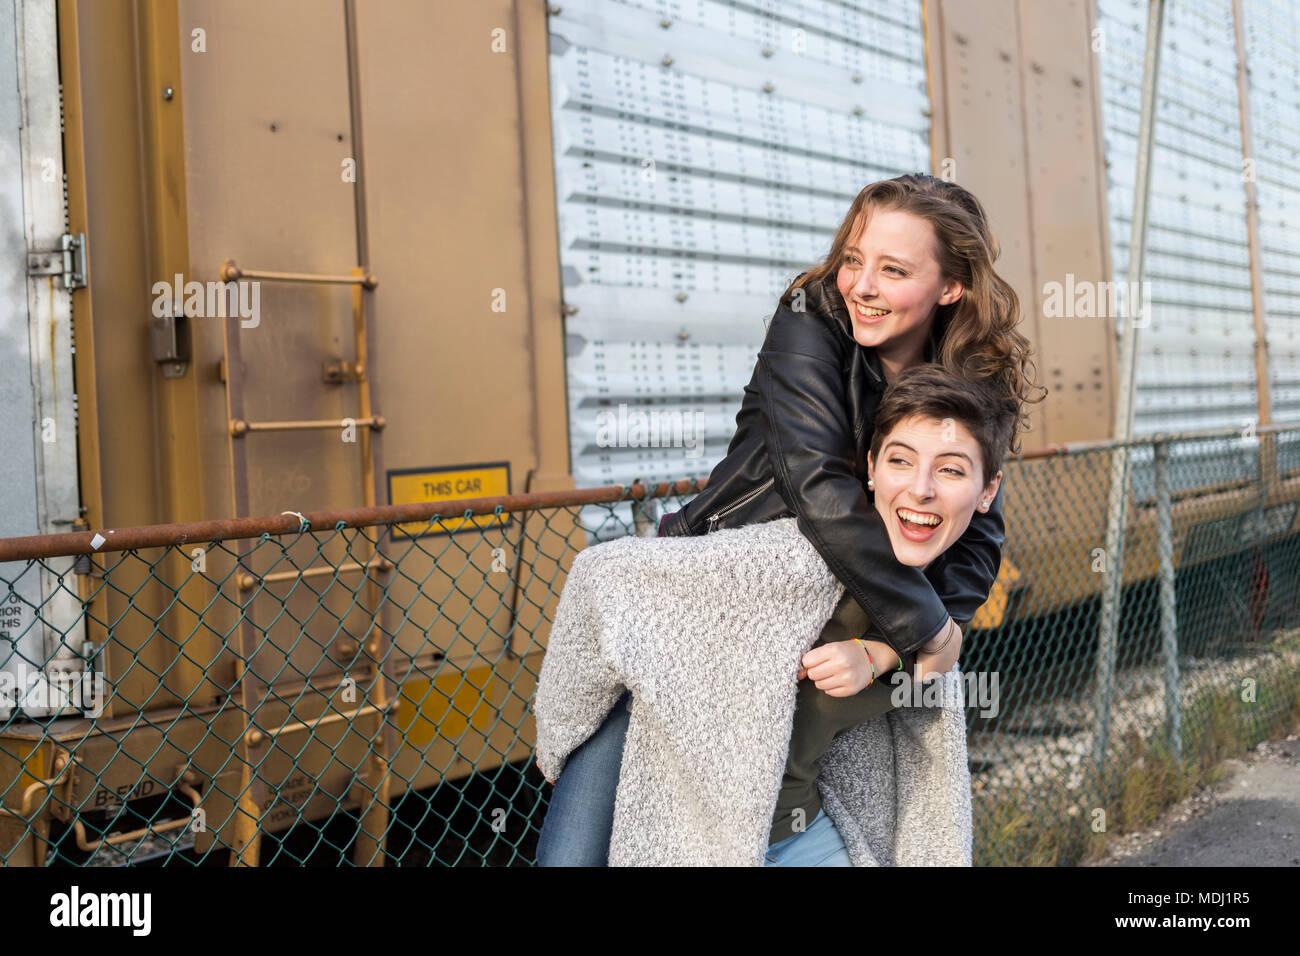 Zwei junge Frauen, die in einem spielerischen Pose neben einem Zug Auto; New Westminster, British Columbia, Kanada Stockbild